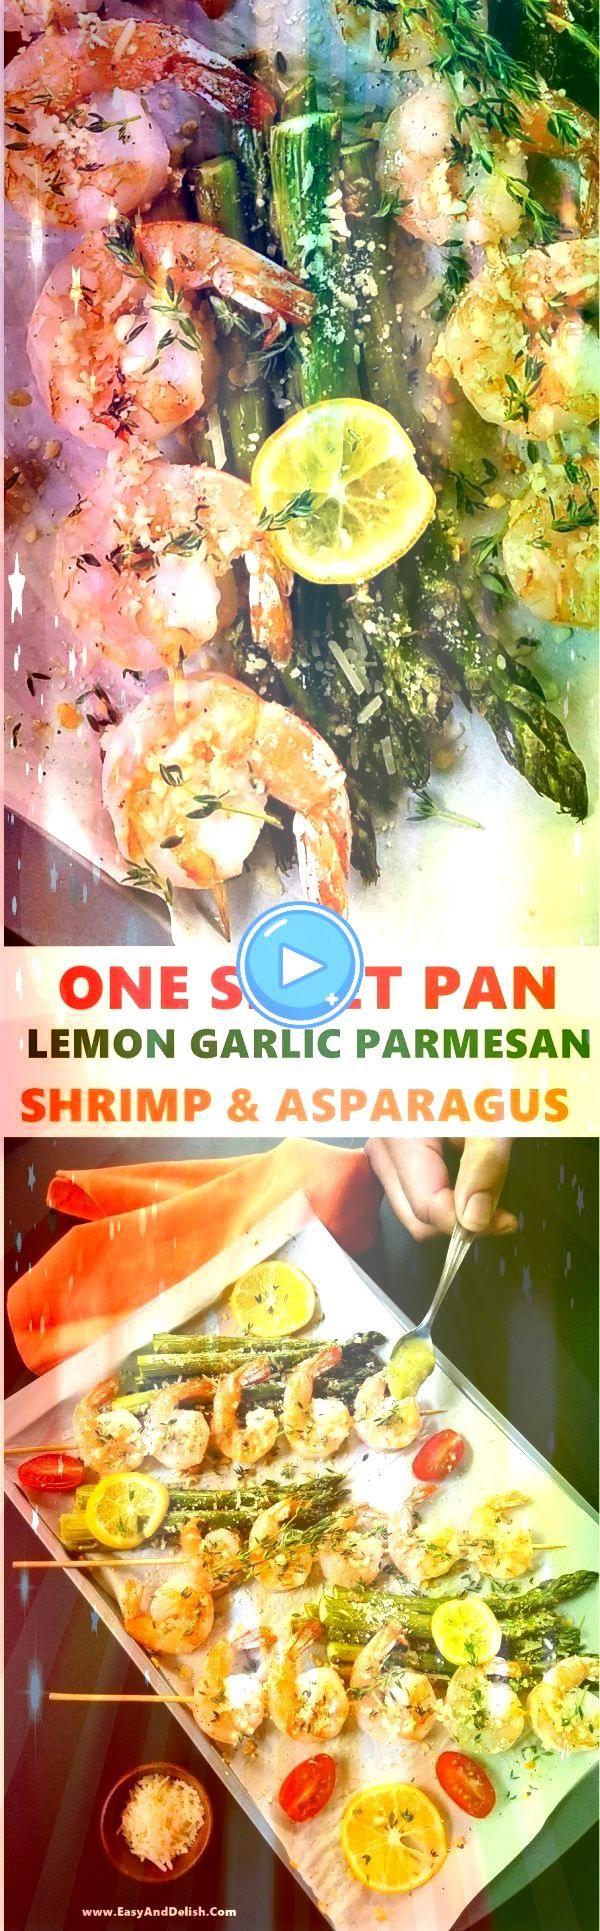 Blatt Pan Lemon Garlic Parmesan Shrimp und Spargel  Ein Blatt Pan Lemon Garlic Parmesan Shrimp und Spargel   Ein Blatt Pan Lemon Garlic Parmesan Shrimp und Spargel  Ein B...